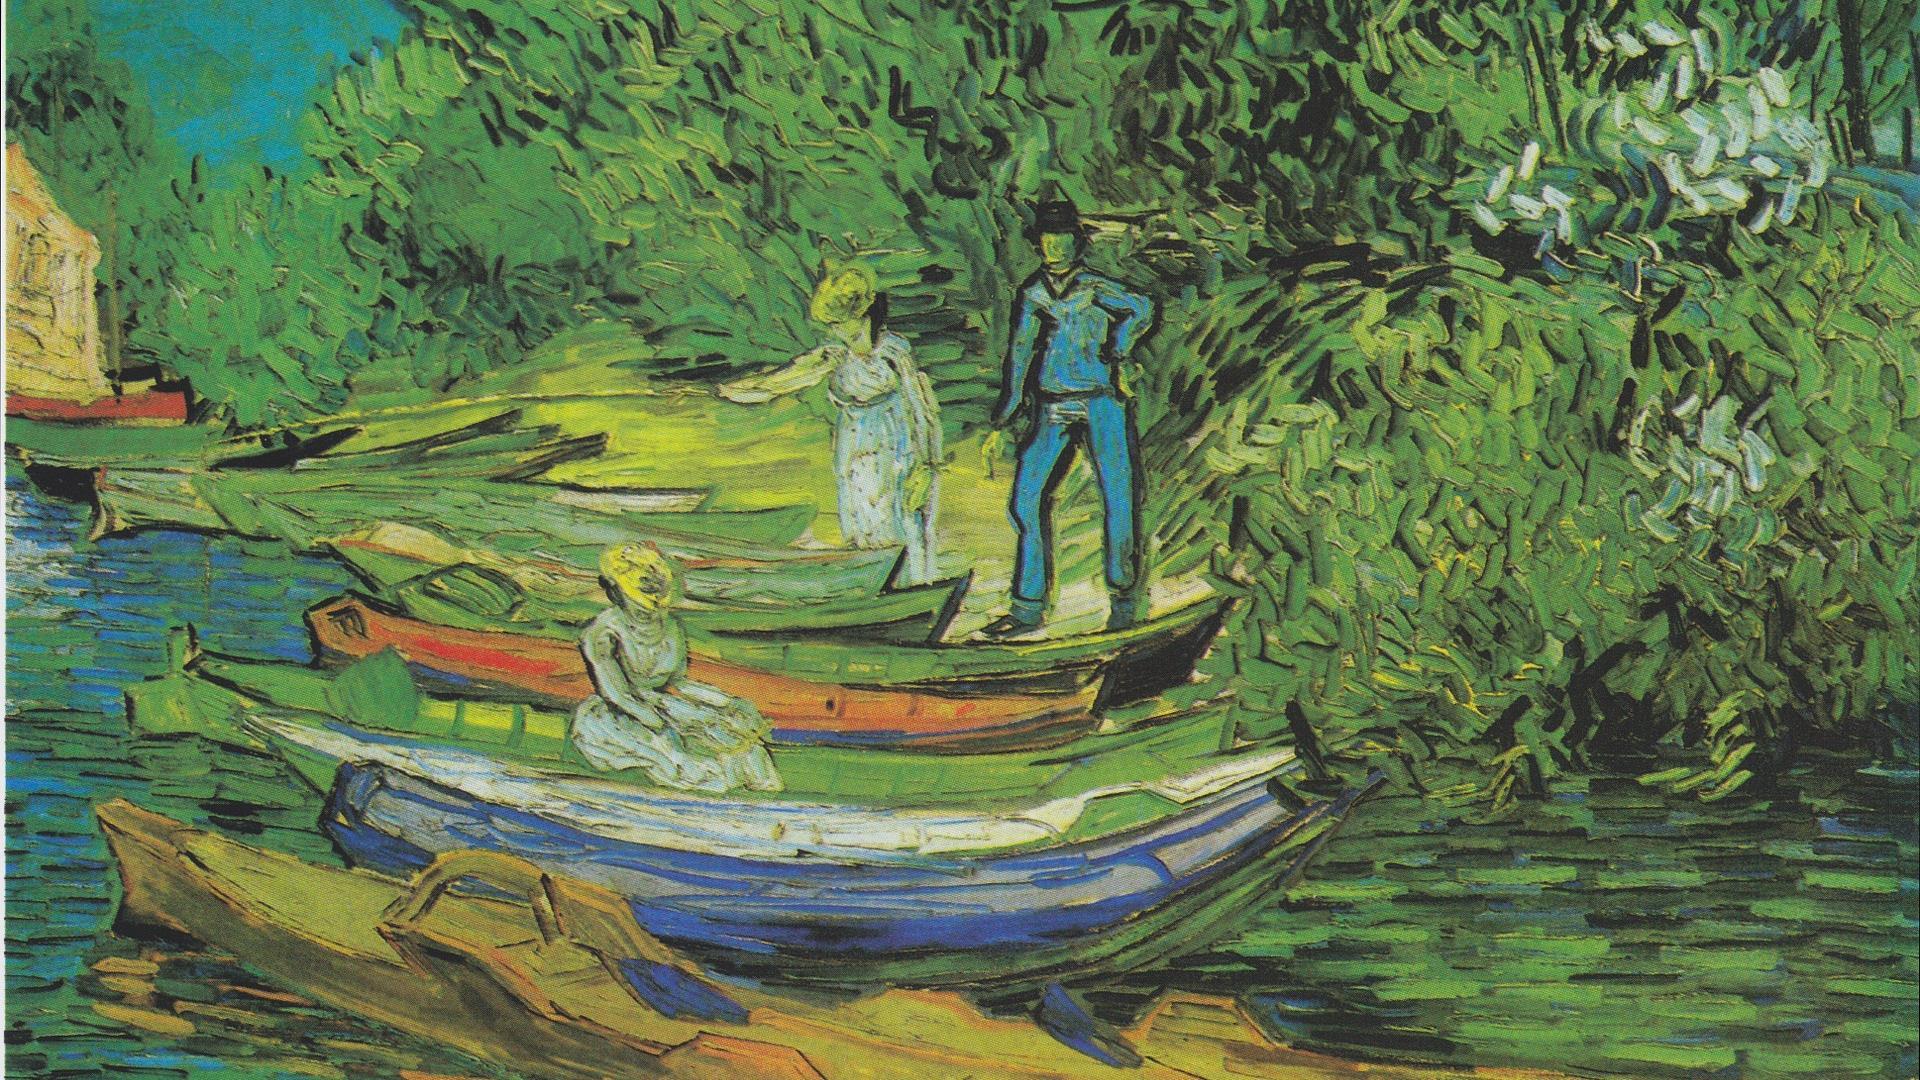 Immagini Belle Da Dipingere le 20 frasi di van gogh più belle su vita, arte e natura